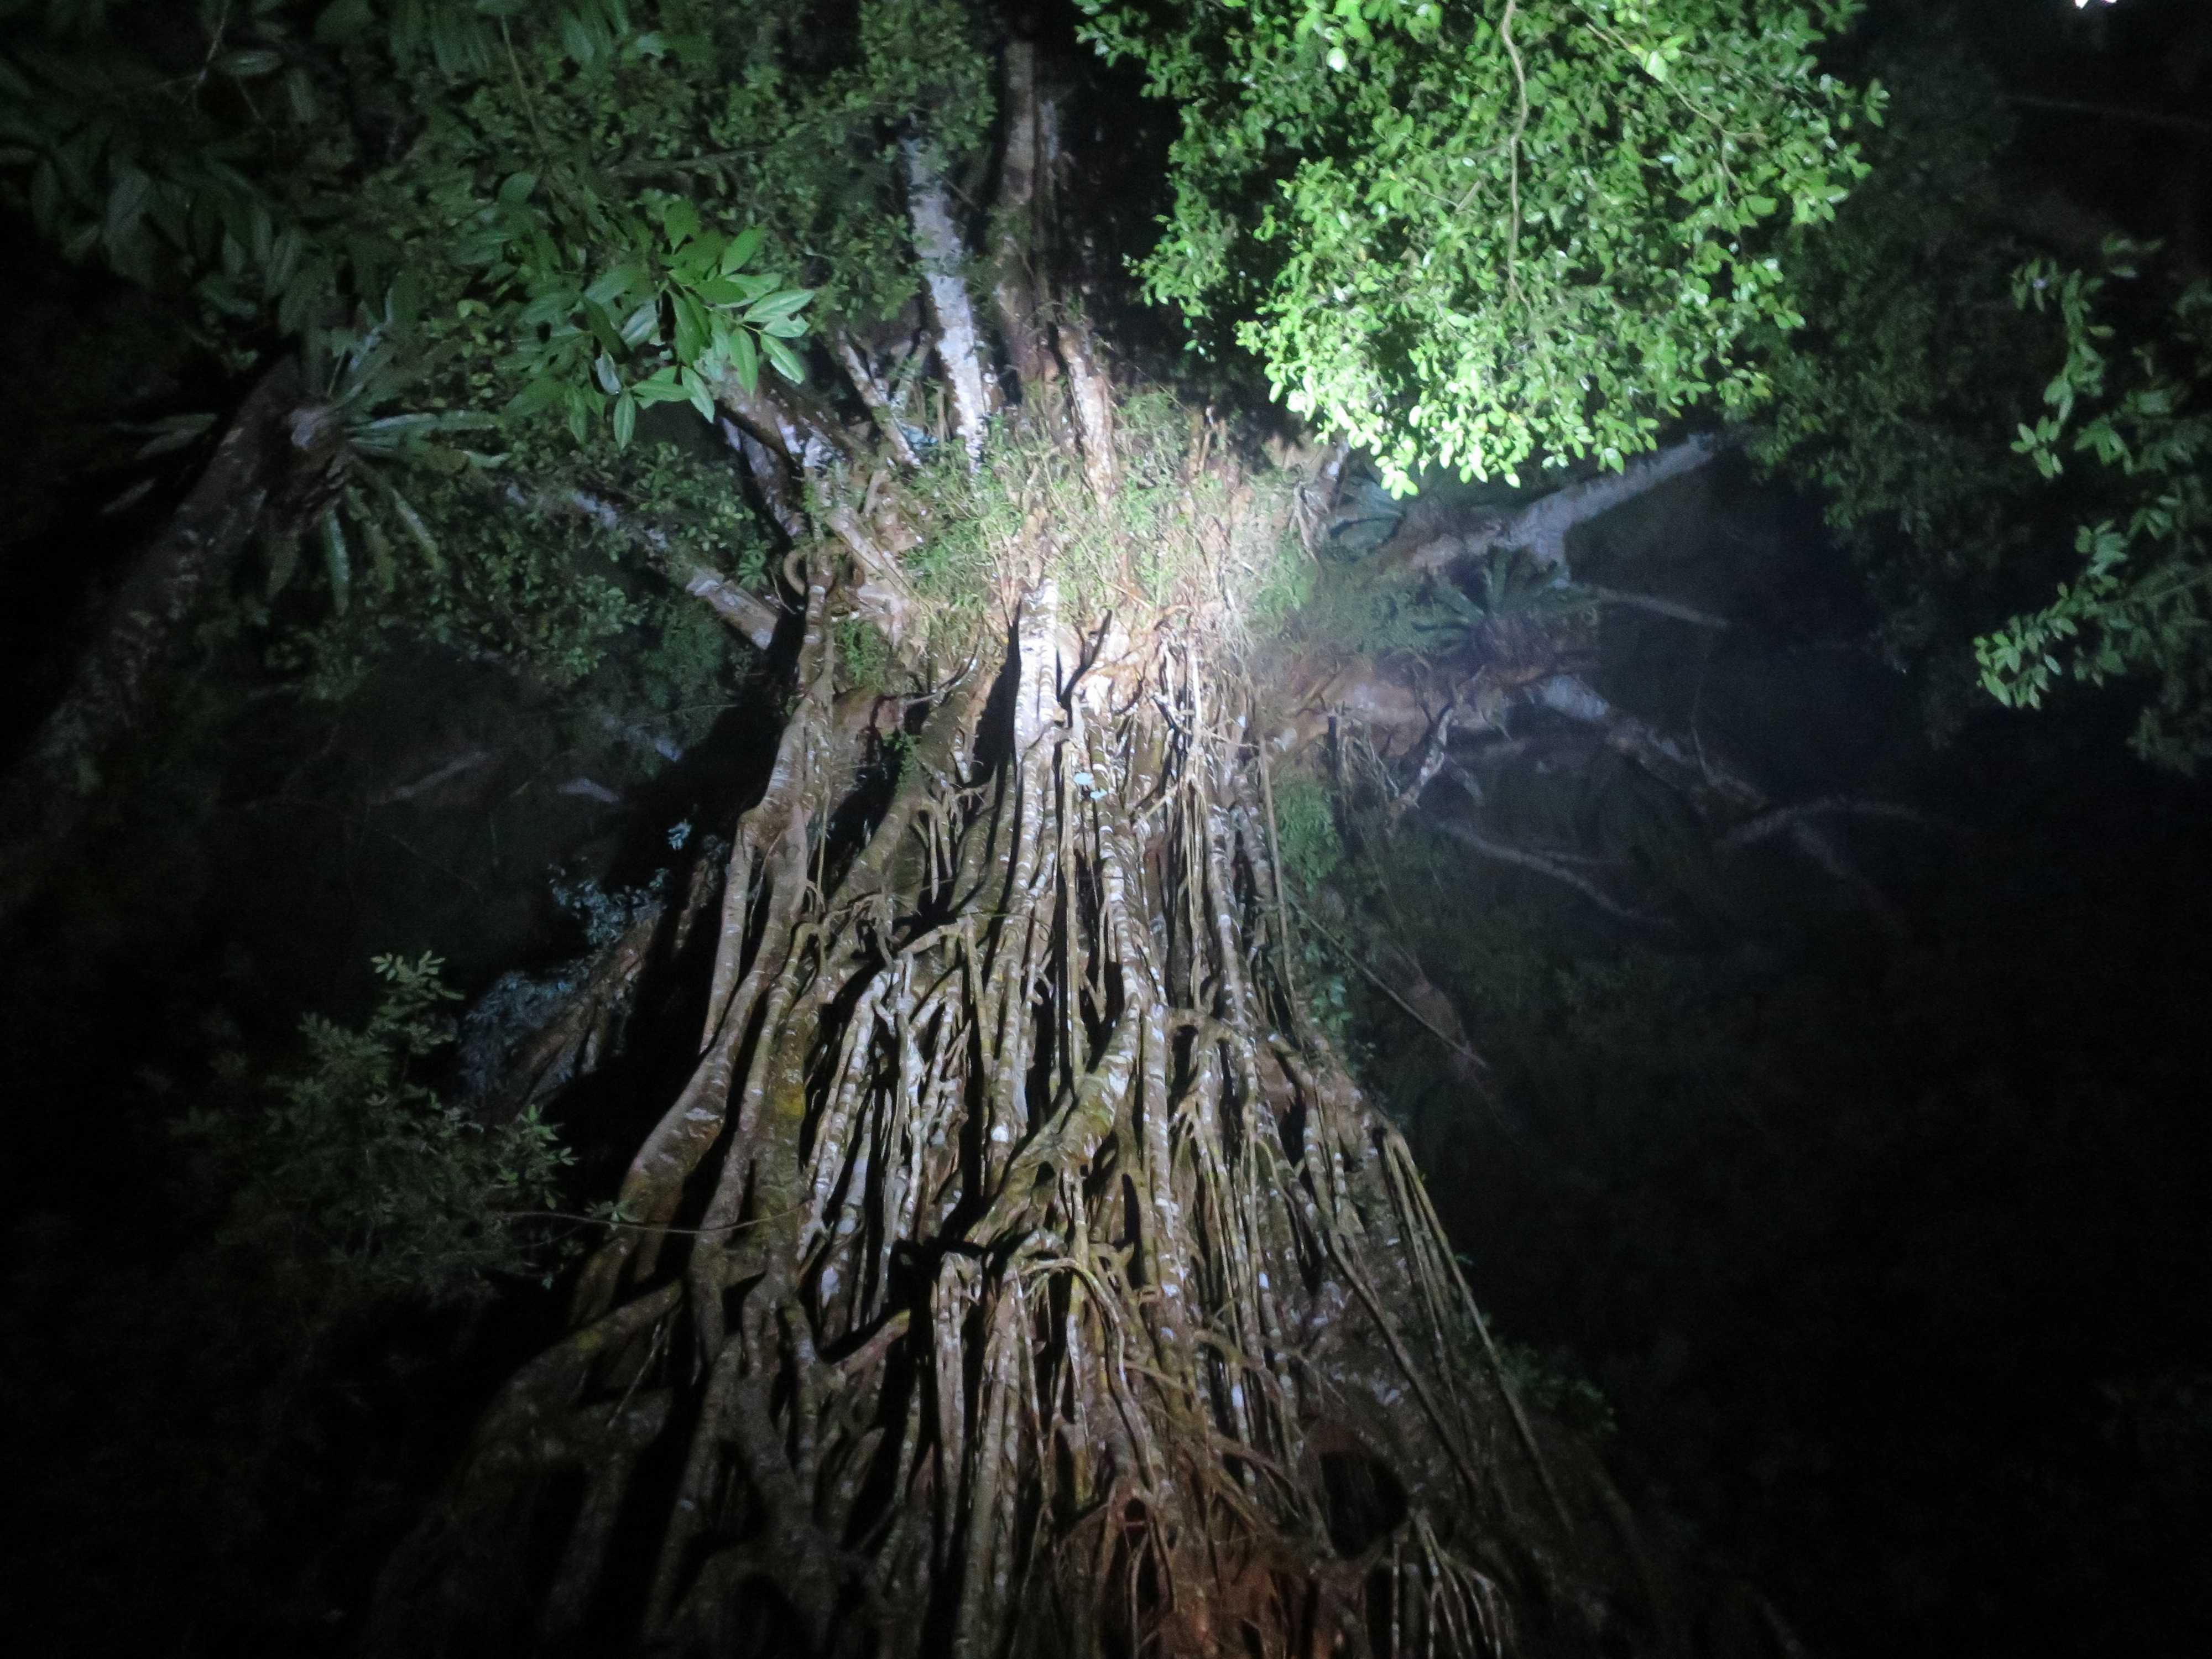 オーストラリア・ケアンズ 神秘的な聖堂の樹(カセドラル フィグツリー)